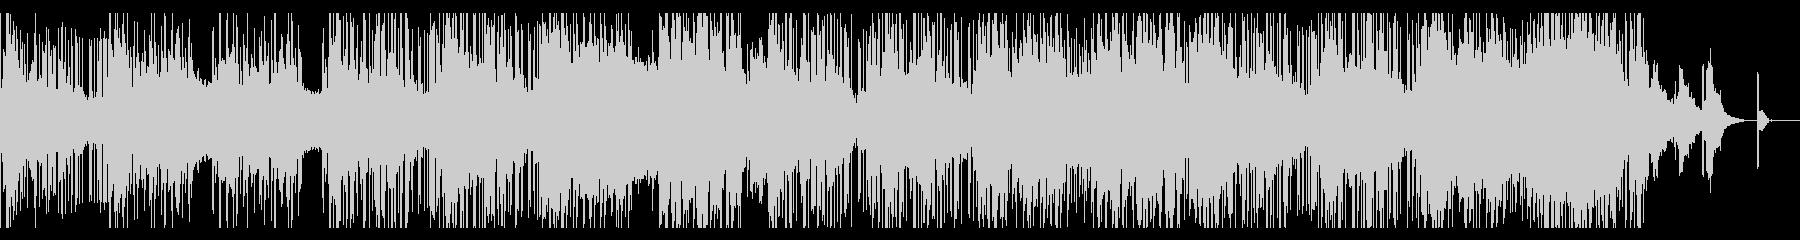 インダストリアルなテクスチャの未再生の波形